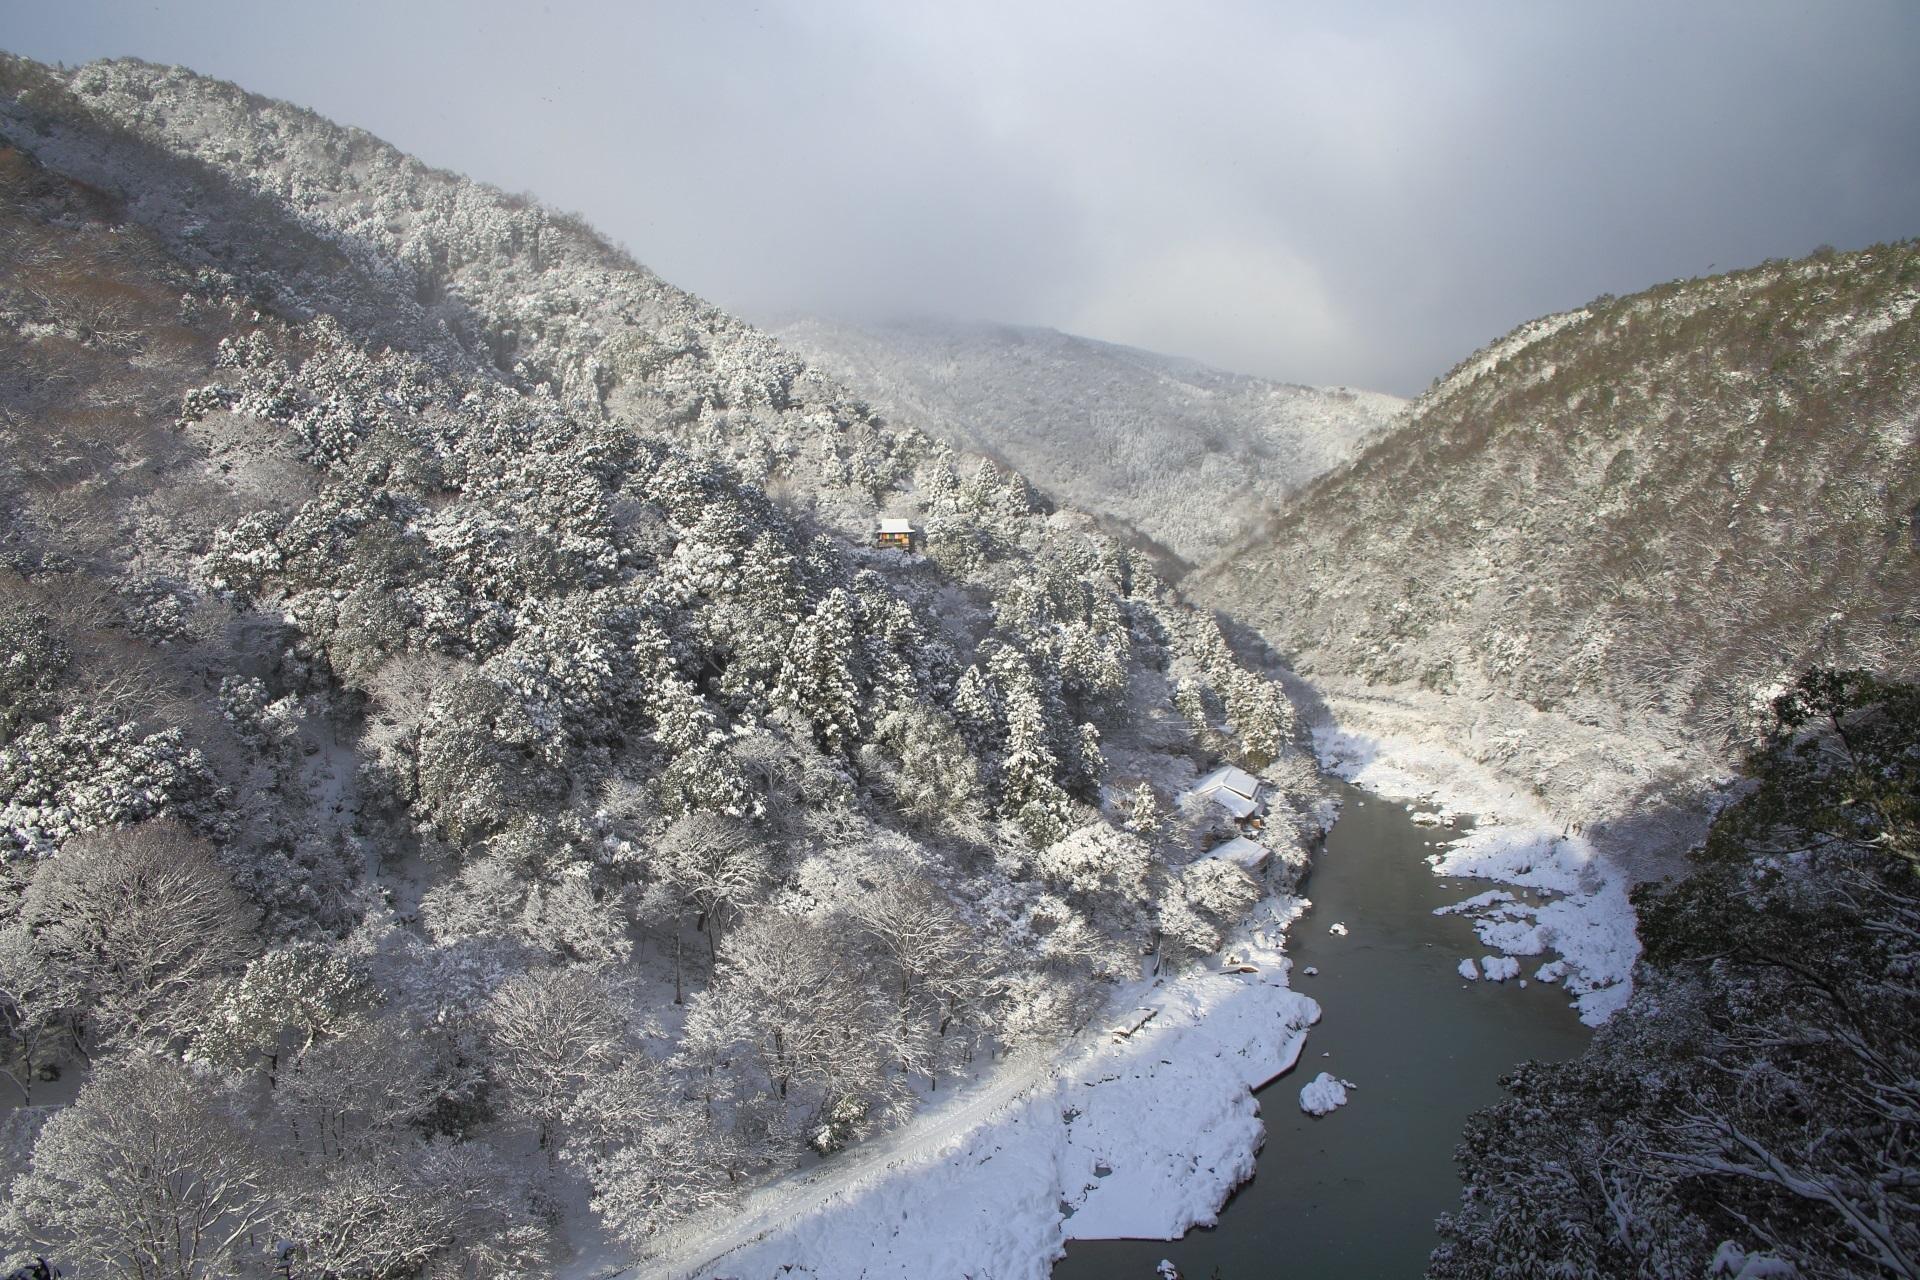 雪の止んだ合間の一面雪景色の嵐山